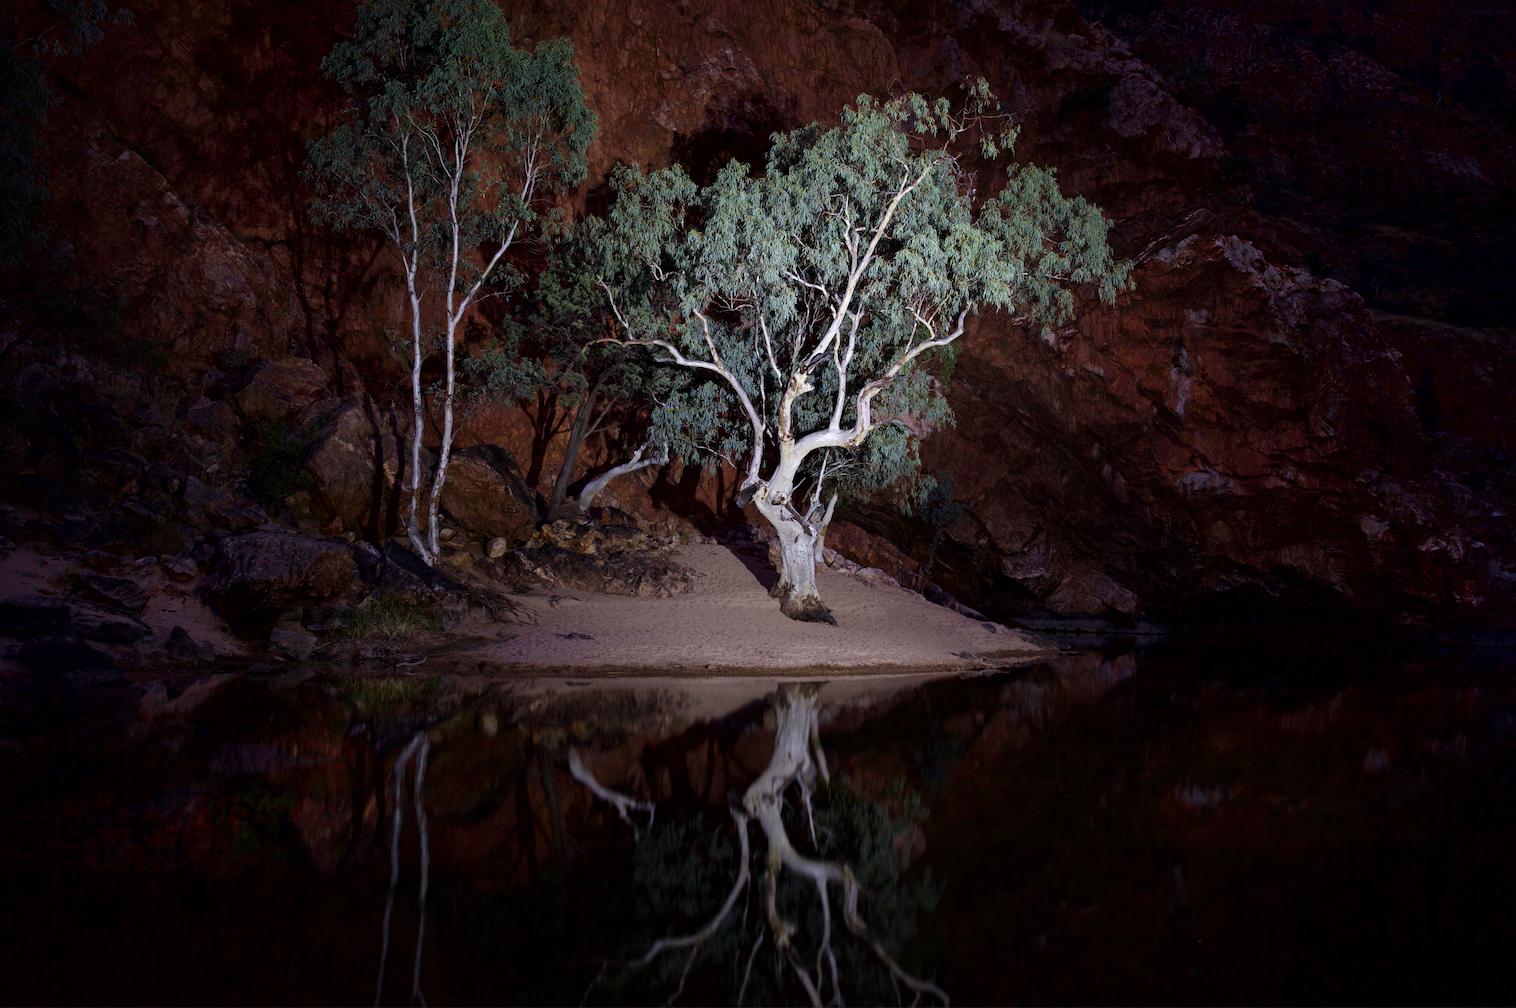 Anita Marks, Australia